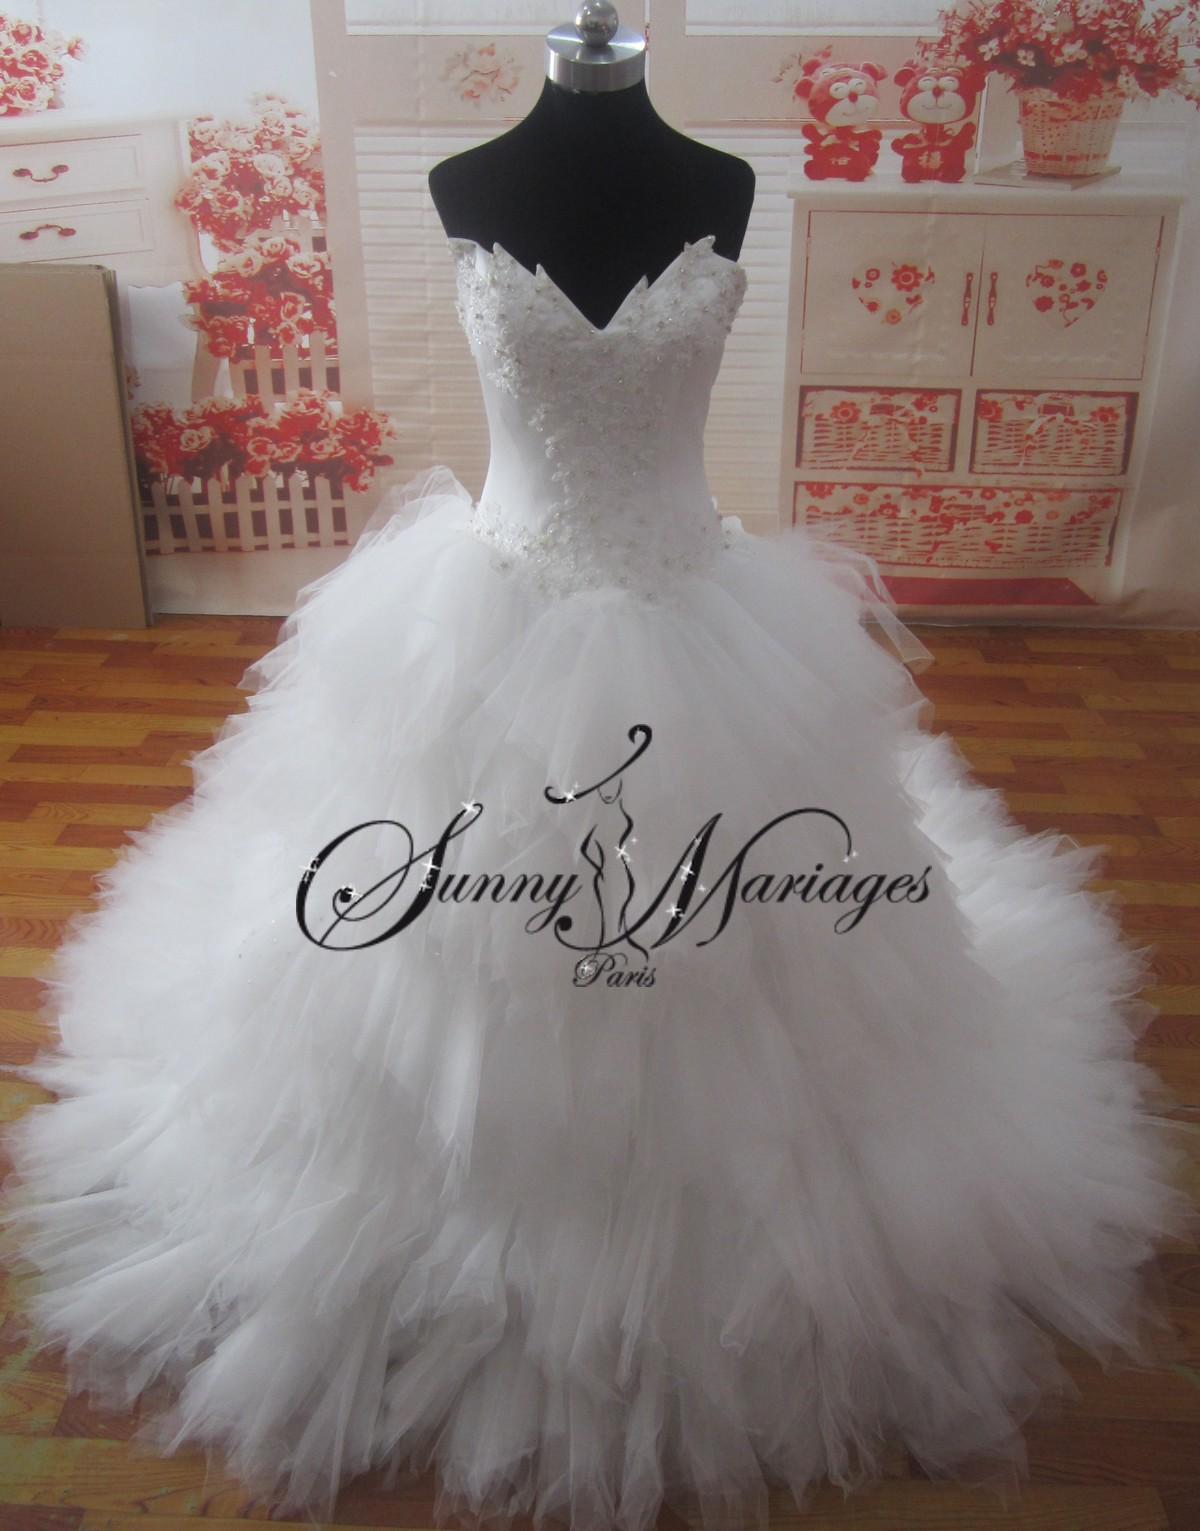 Sunny Mariages » Createur de robes de mariee, offre un service de  confection sur mesures toutes tailles possibles. Toutes nos robes de mariee,  « bustier et